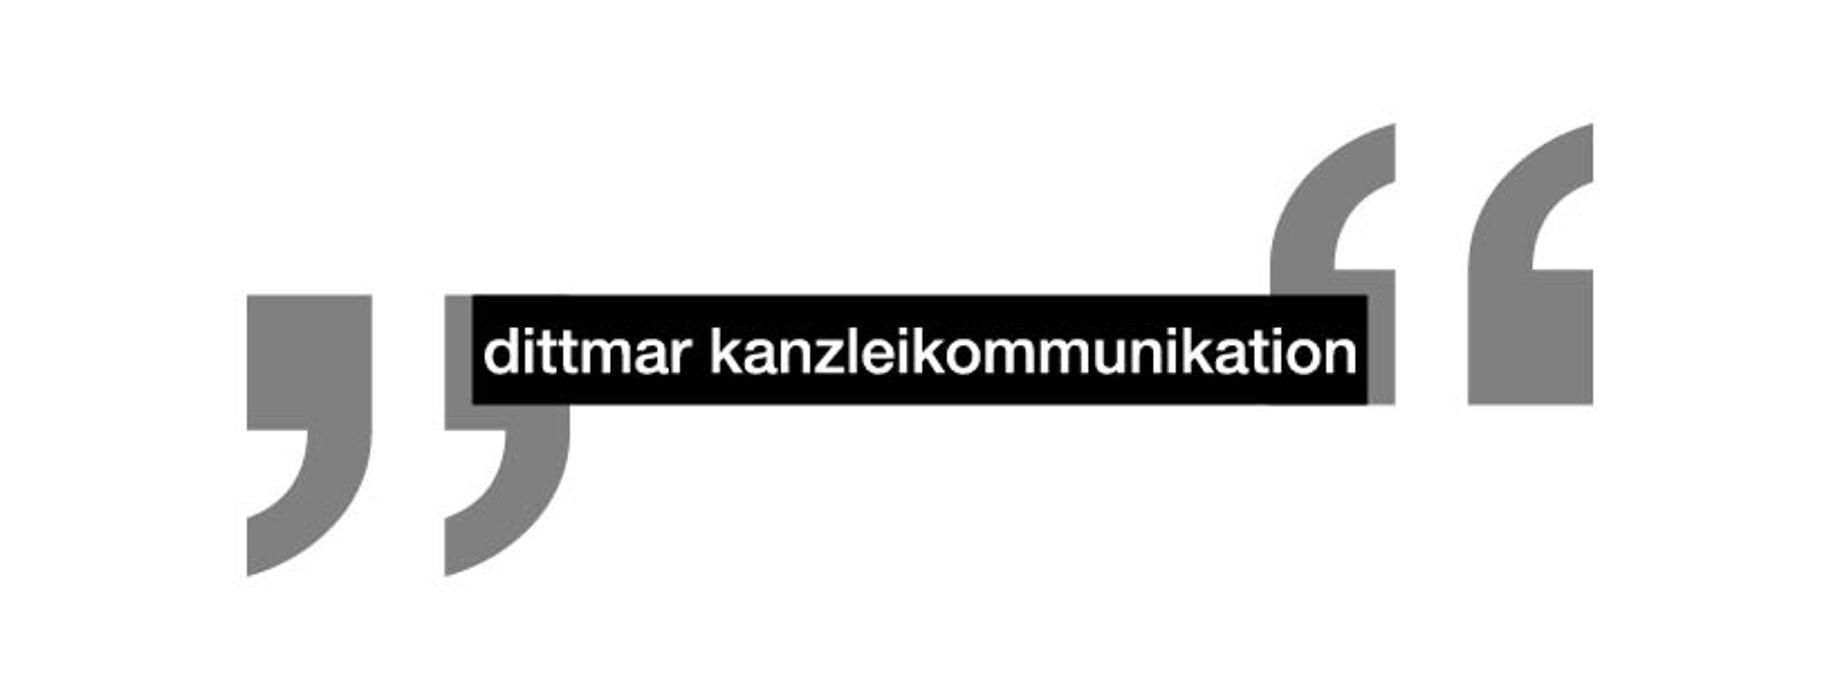 Bild zu dittmar kanzleikommunikation in Usingen